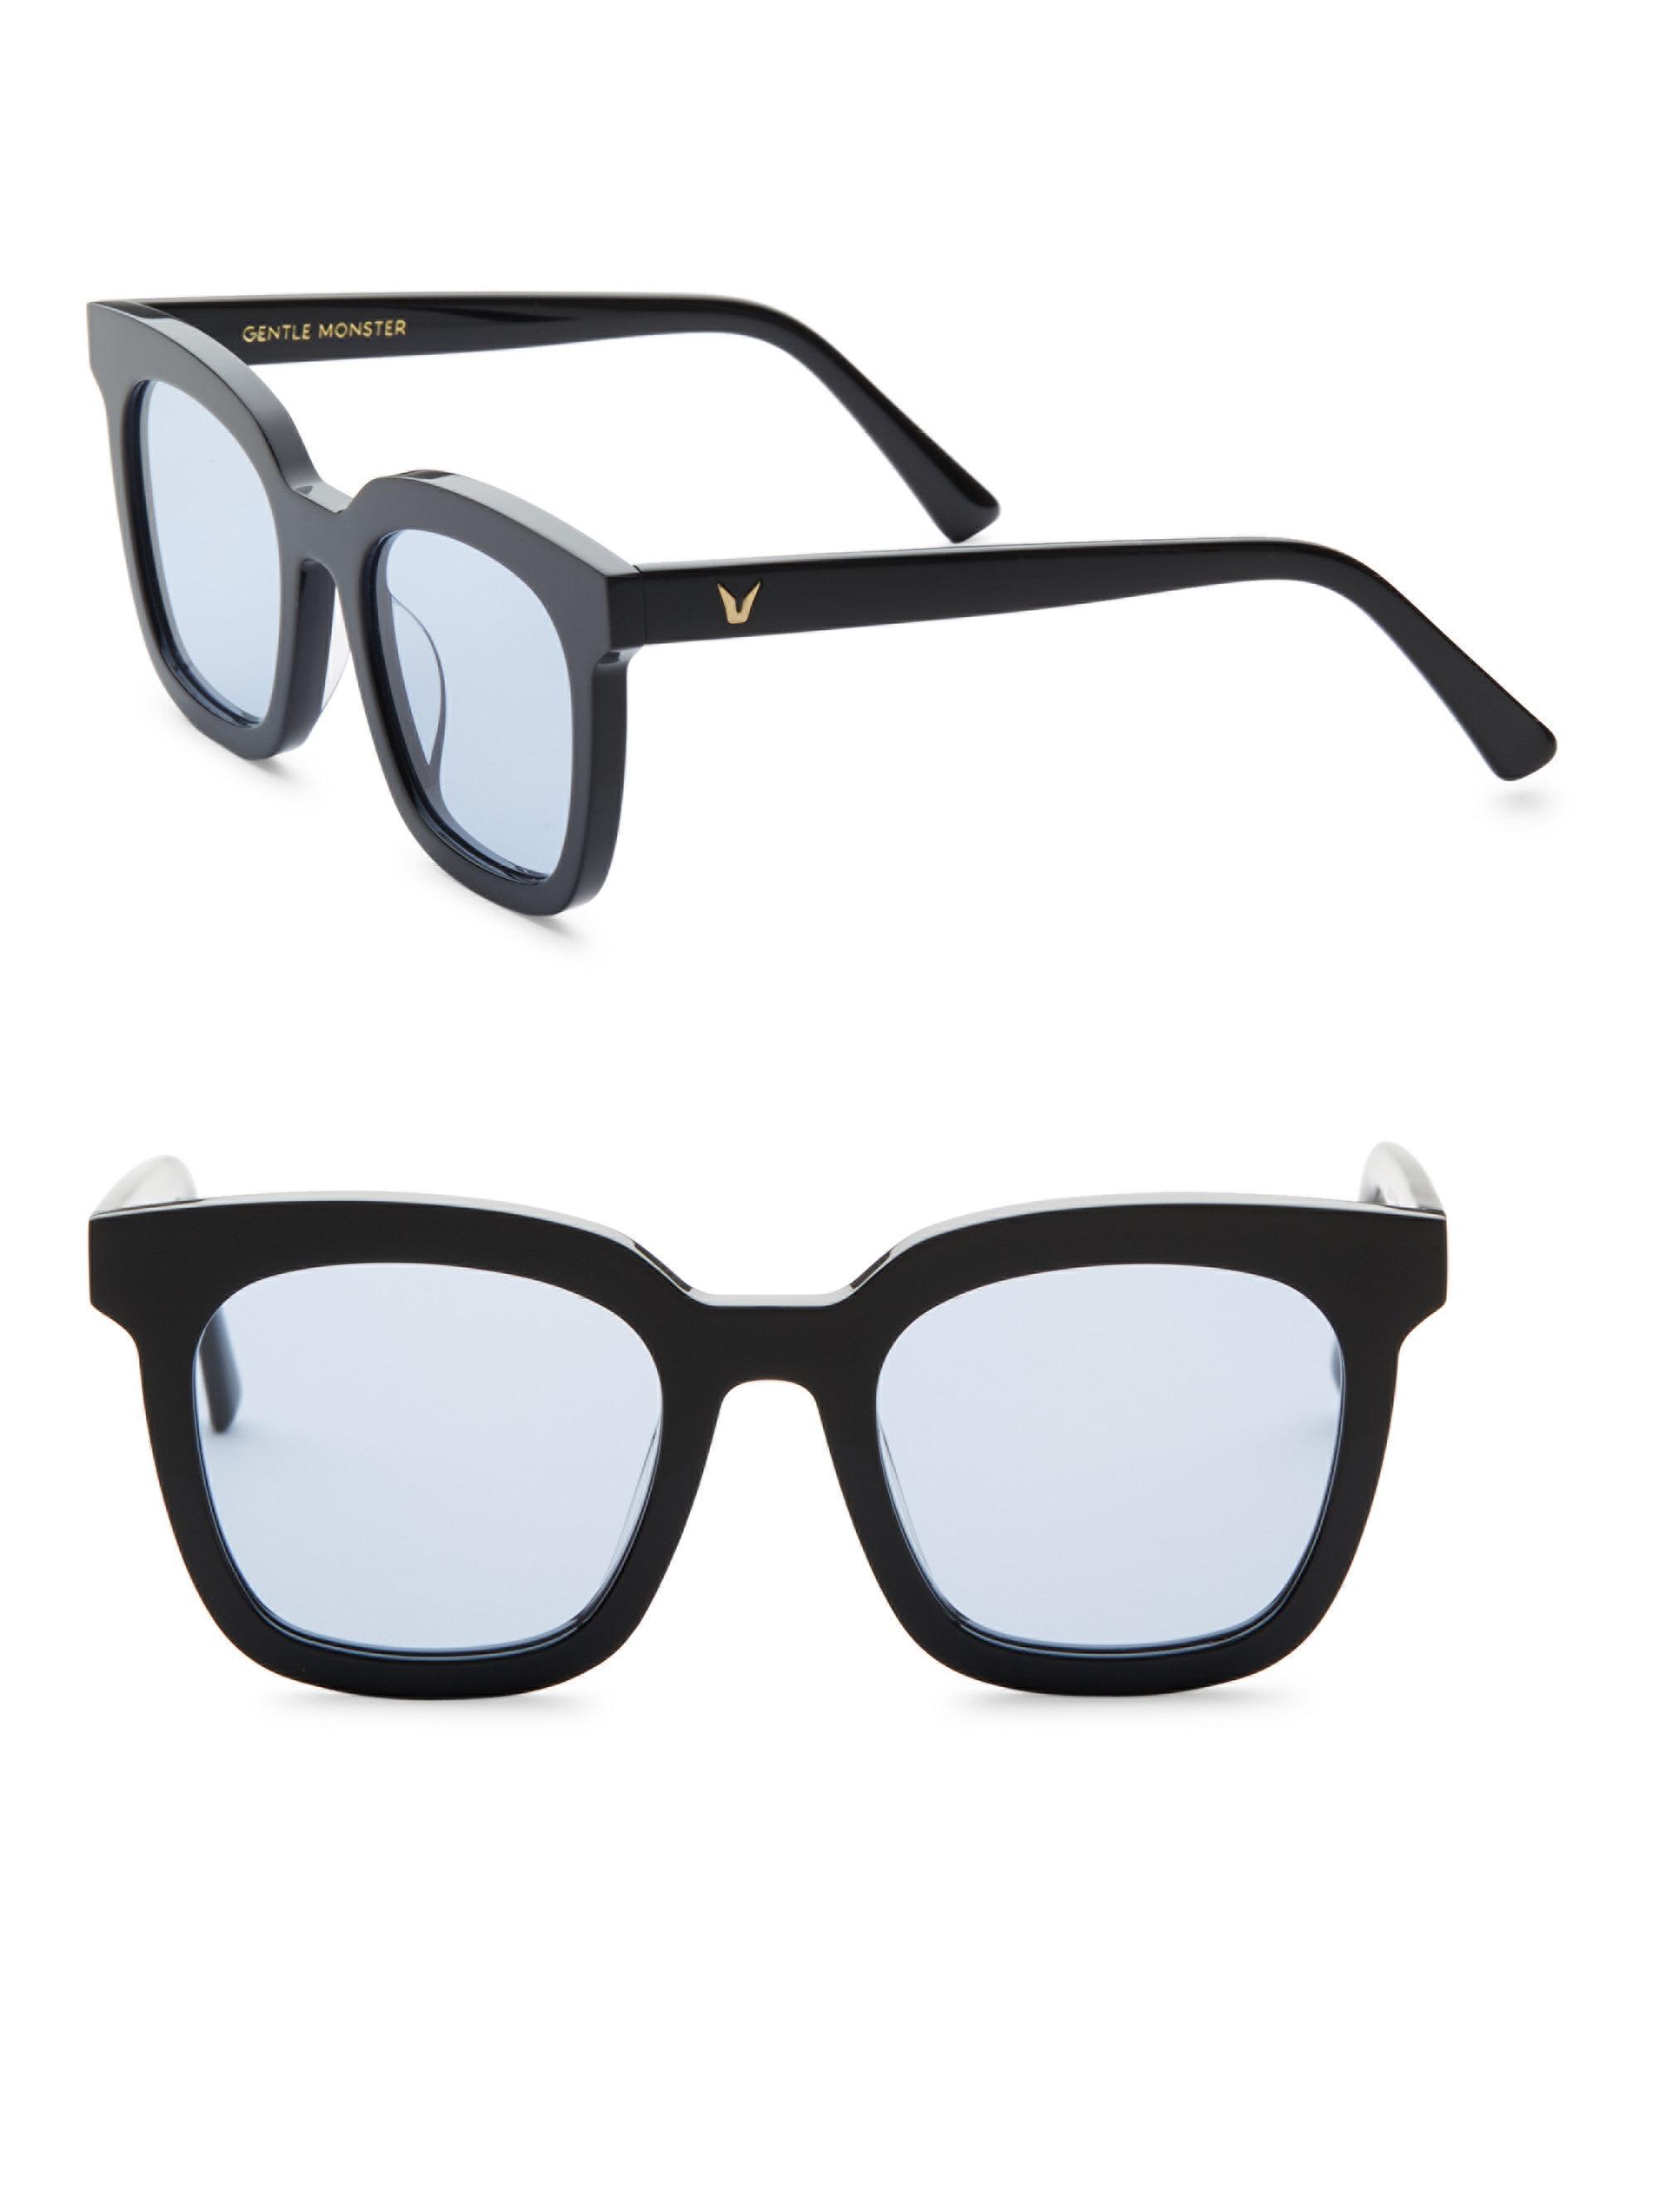 3fa3a2731731 Gentle Monster Finn 50mm Retro Square Sunglasses in Black - Lyst